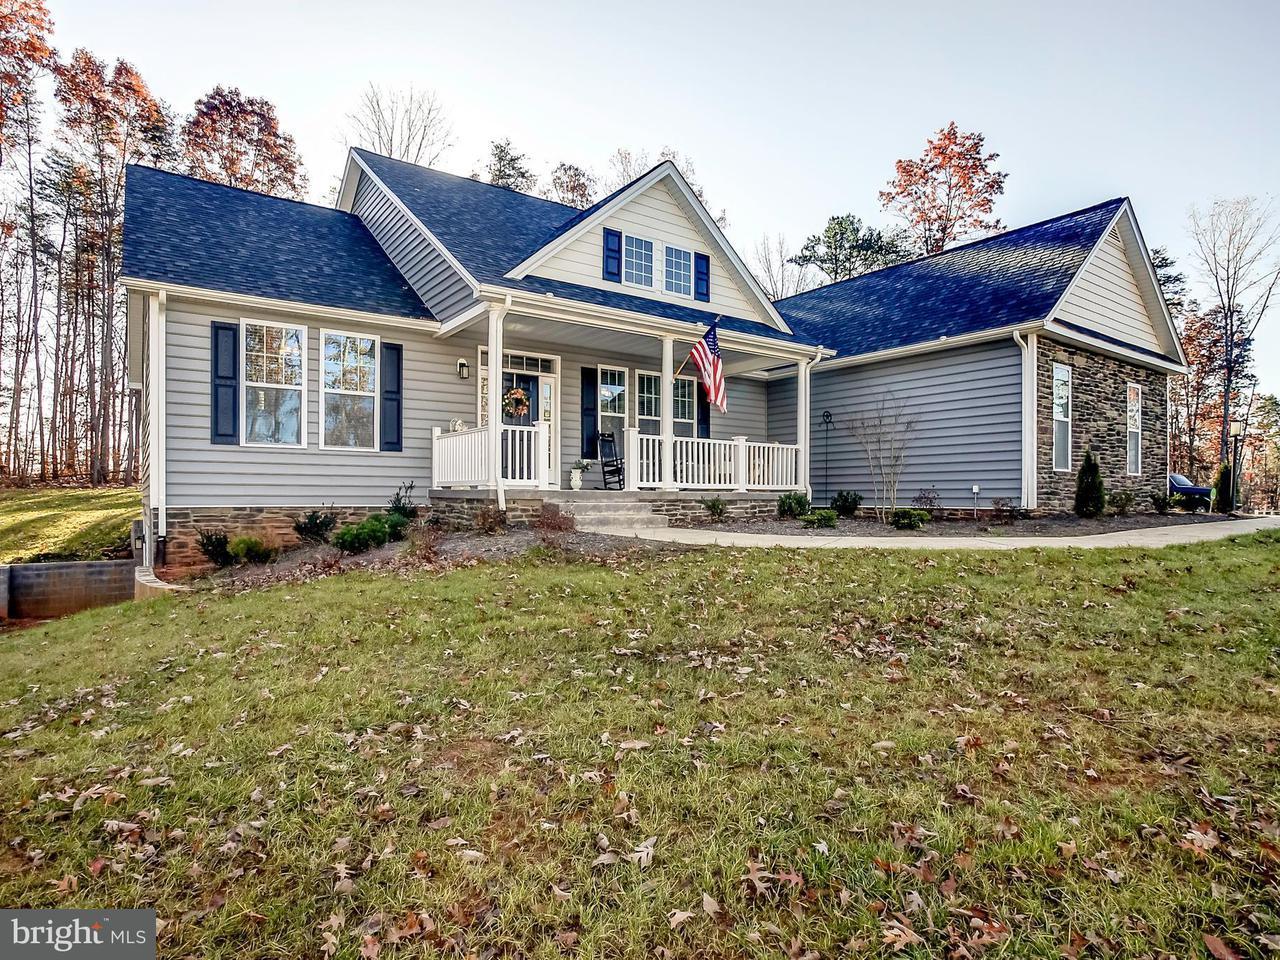 Maison unifamiliale pour l Vente à 378 Kenwood Lane 378 Kenwood Lane Ruckersville, Virginia 22968 États-Unis